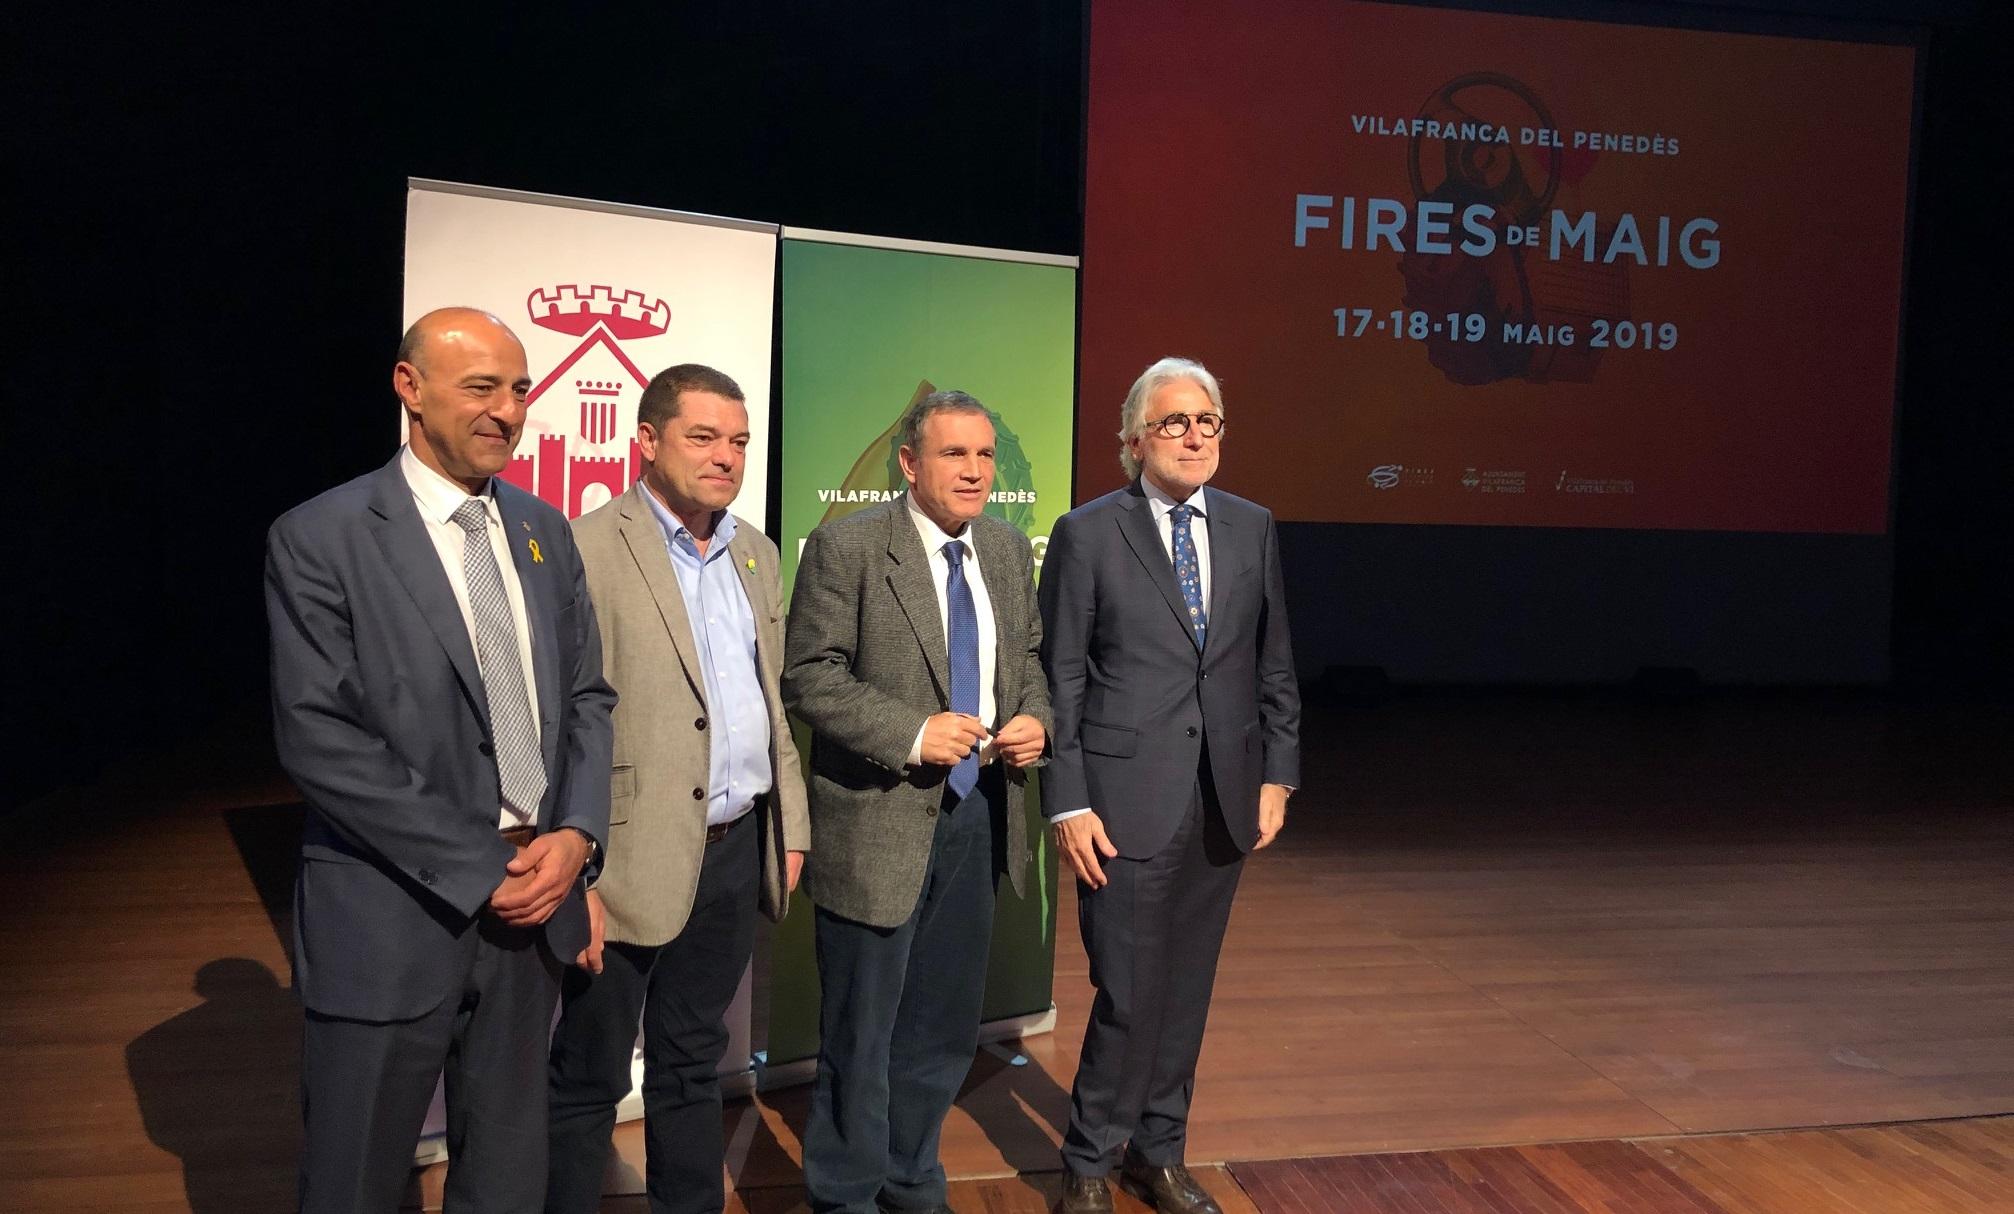 Sánchez Llibre defiende la Cohesión Social y Territorial en las Fires de Vilafranca